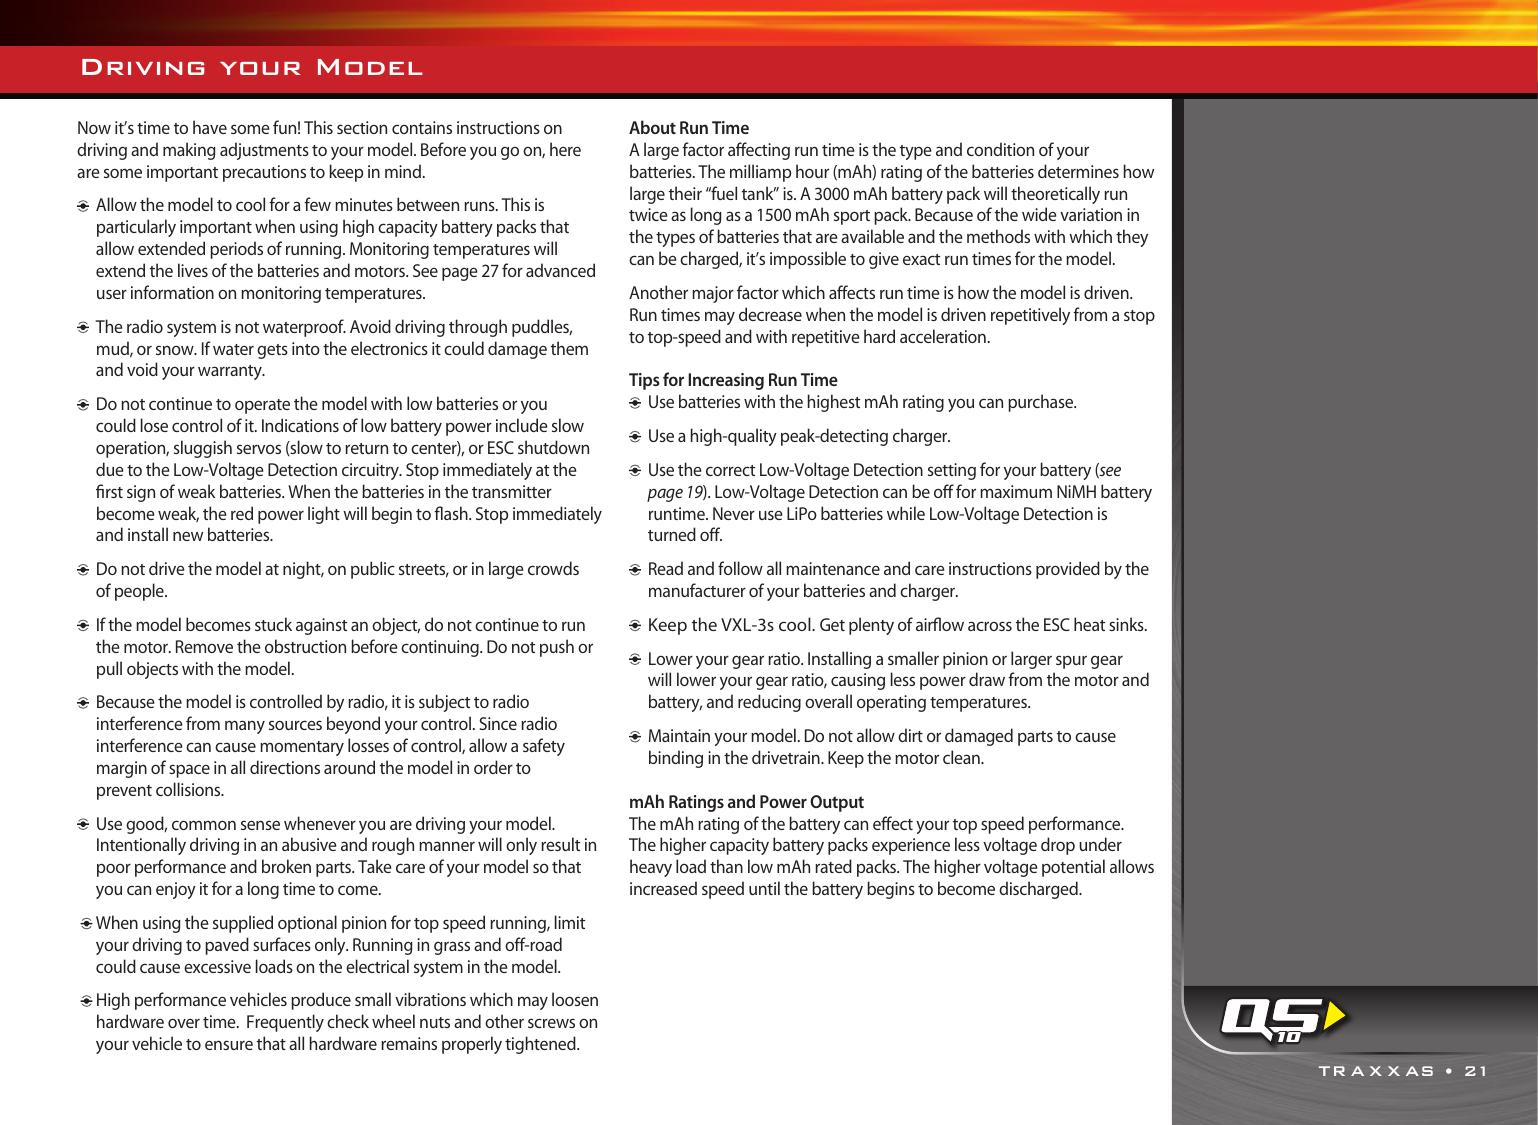 Traxxas Rustler 2408 Users Manual